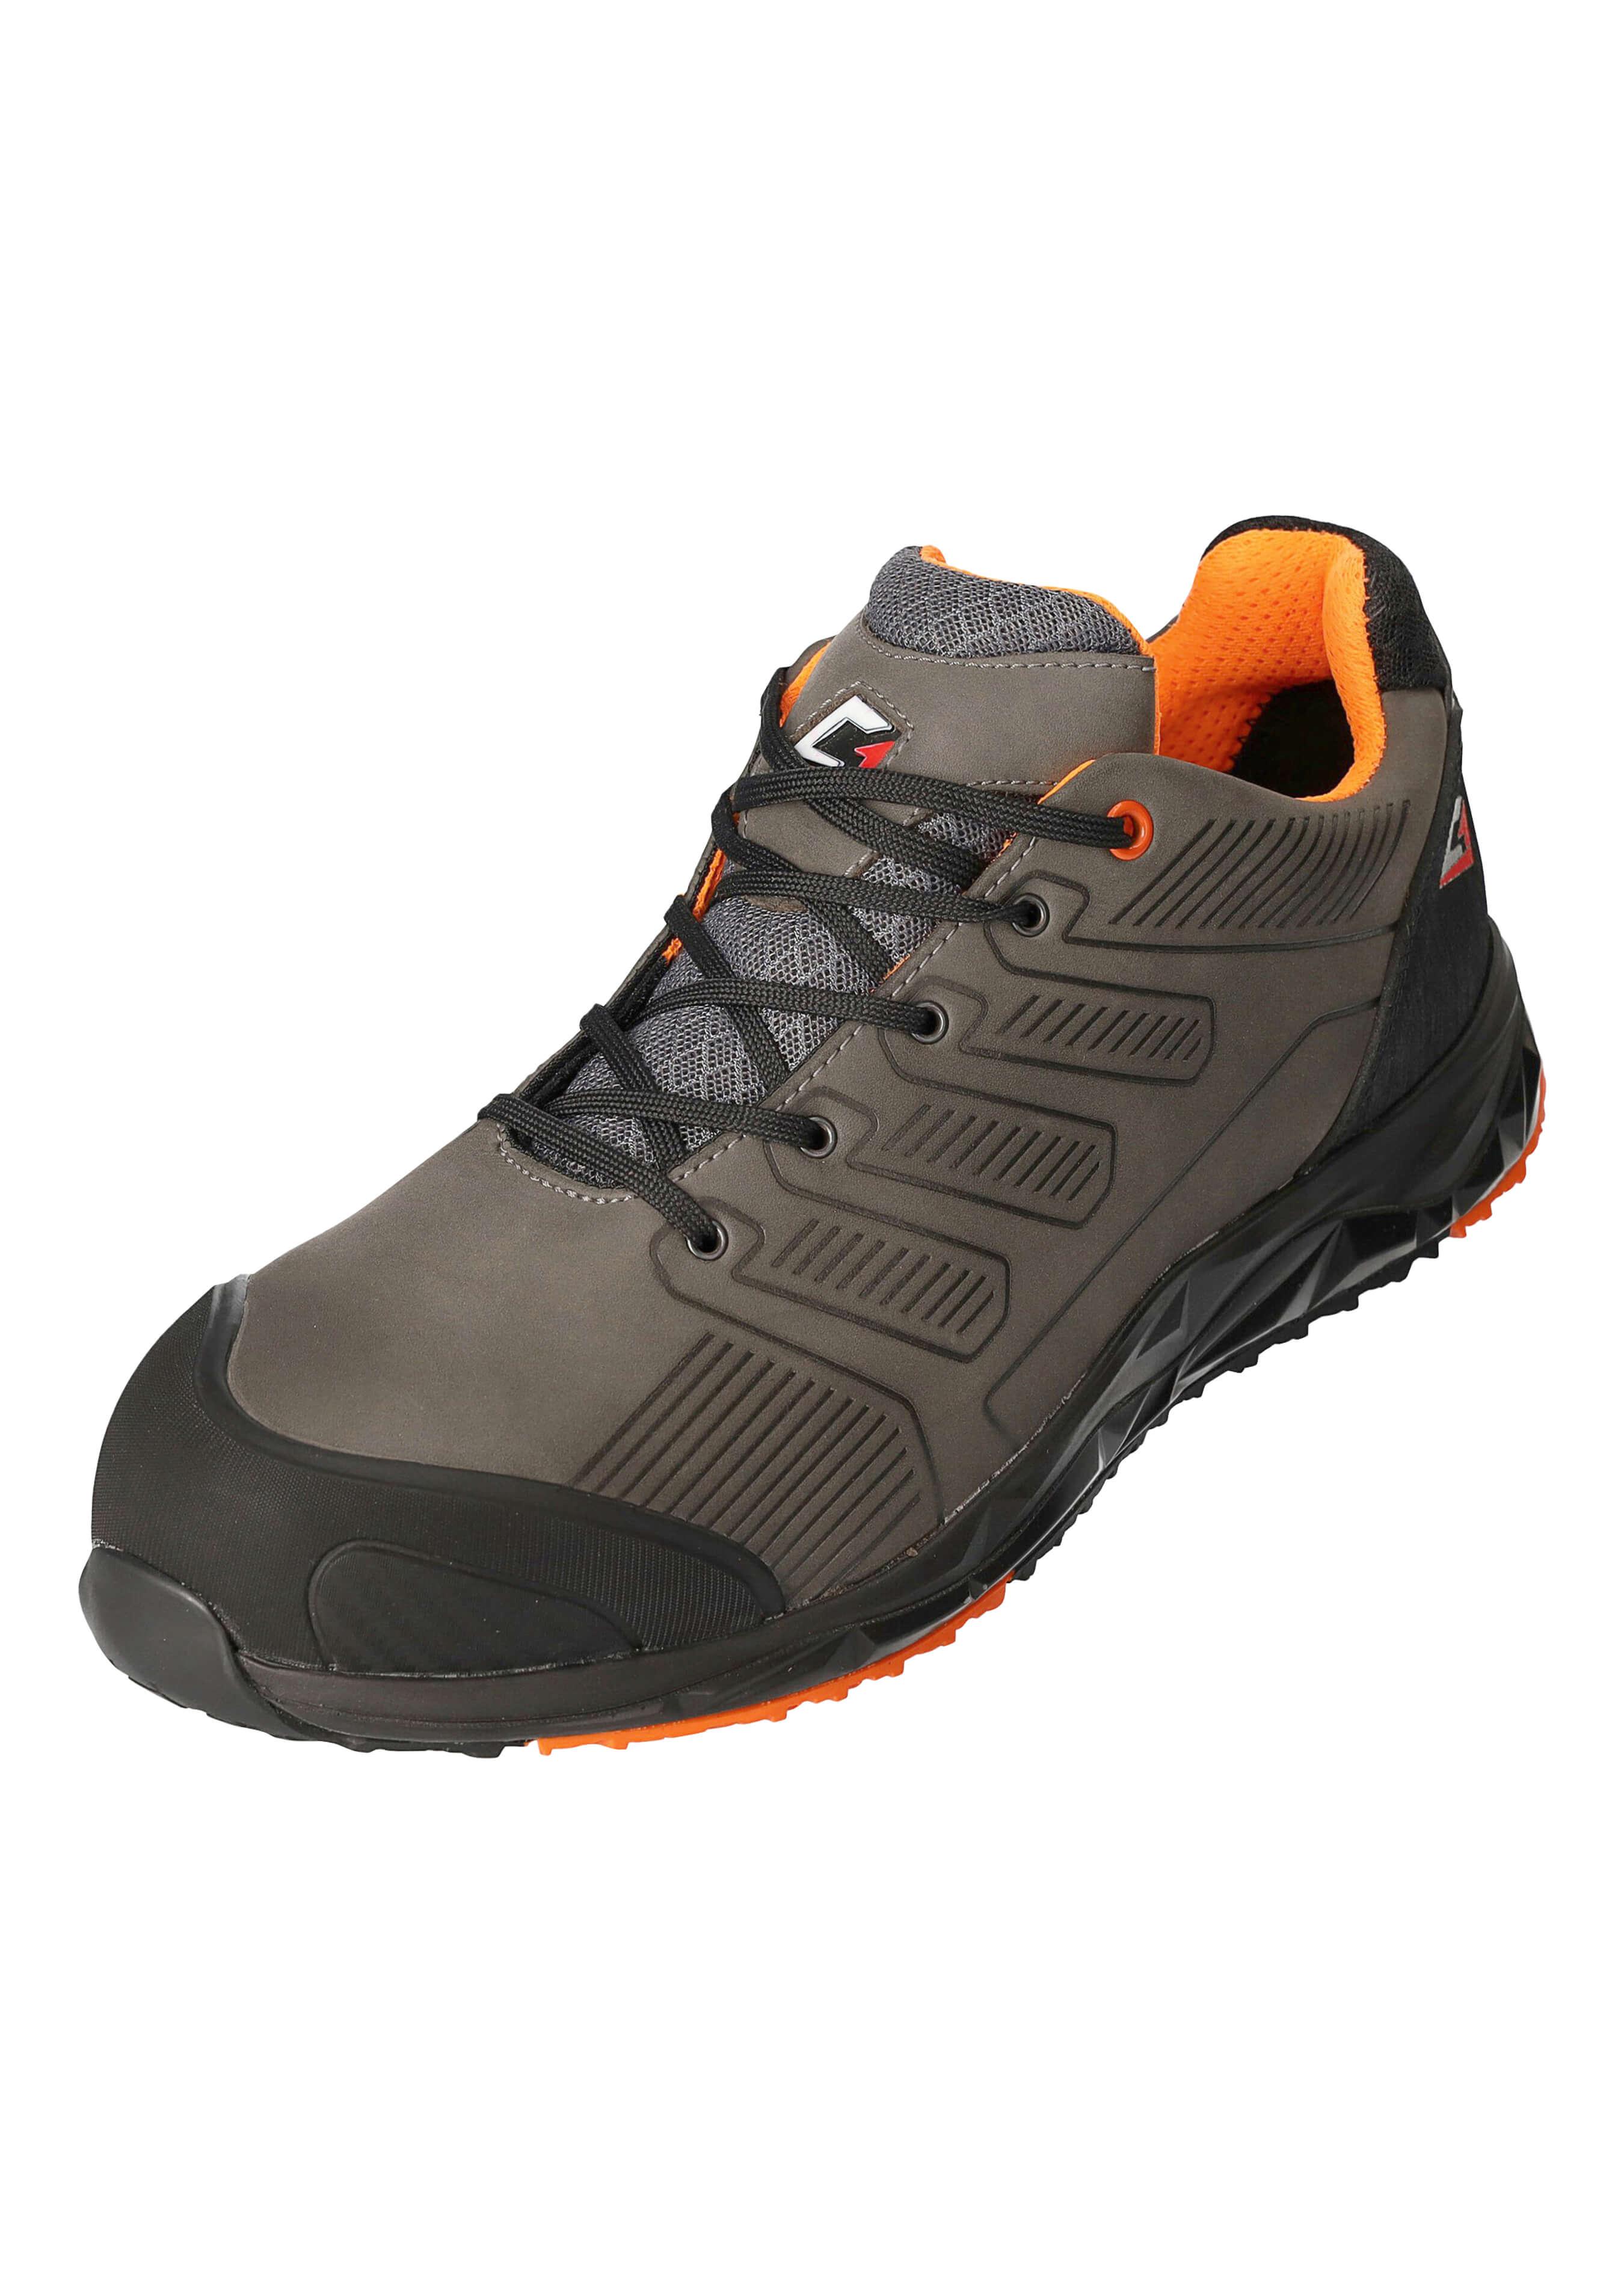 Chaussure de sécurité Nascar S3 basse 42821236 1